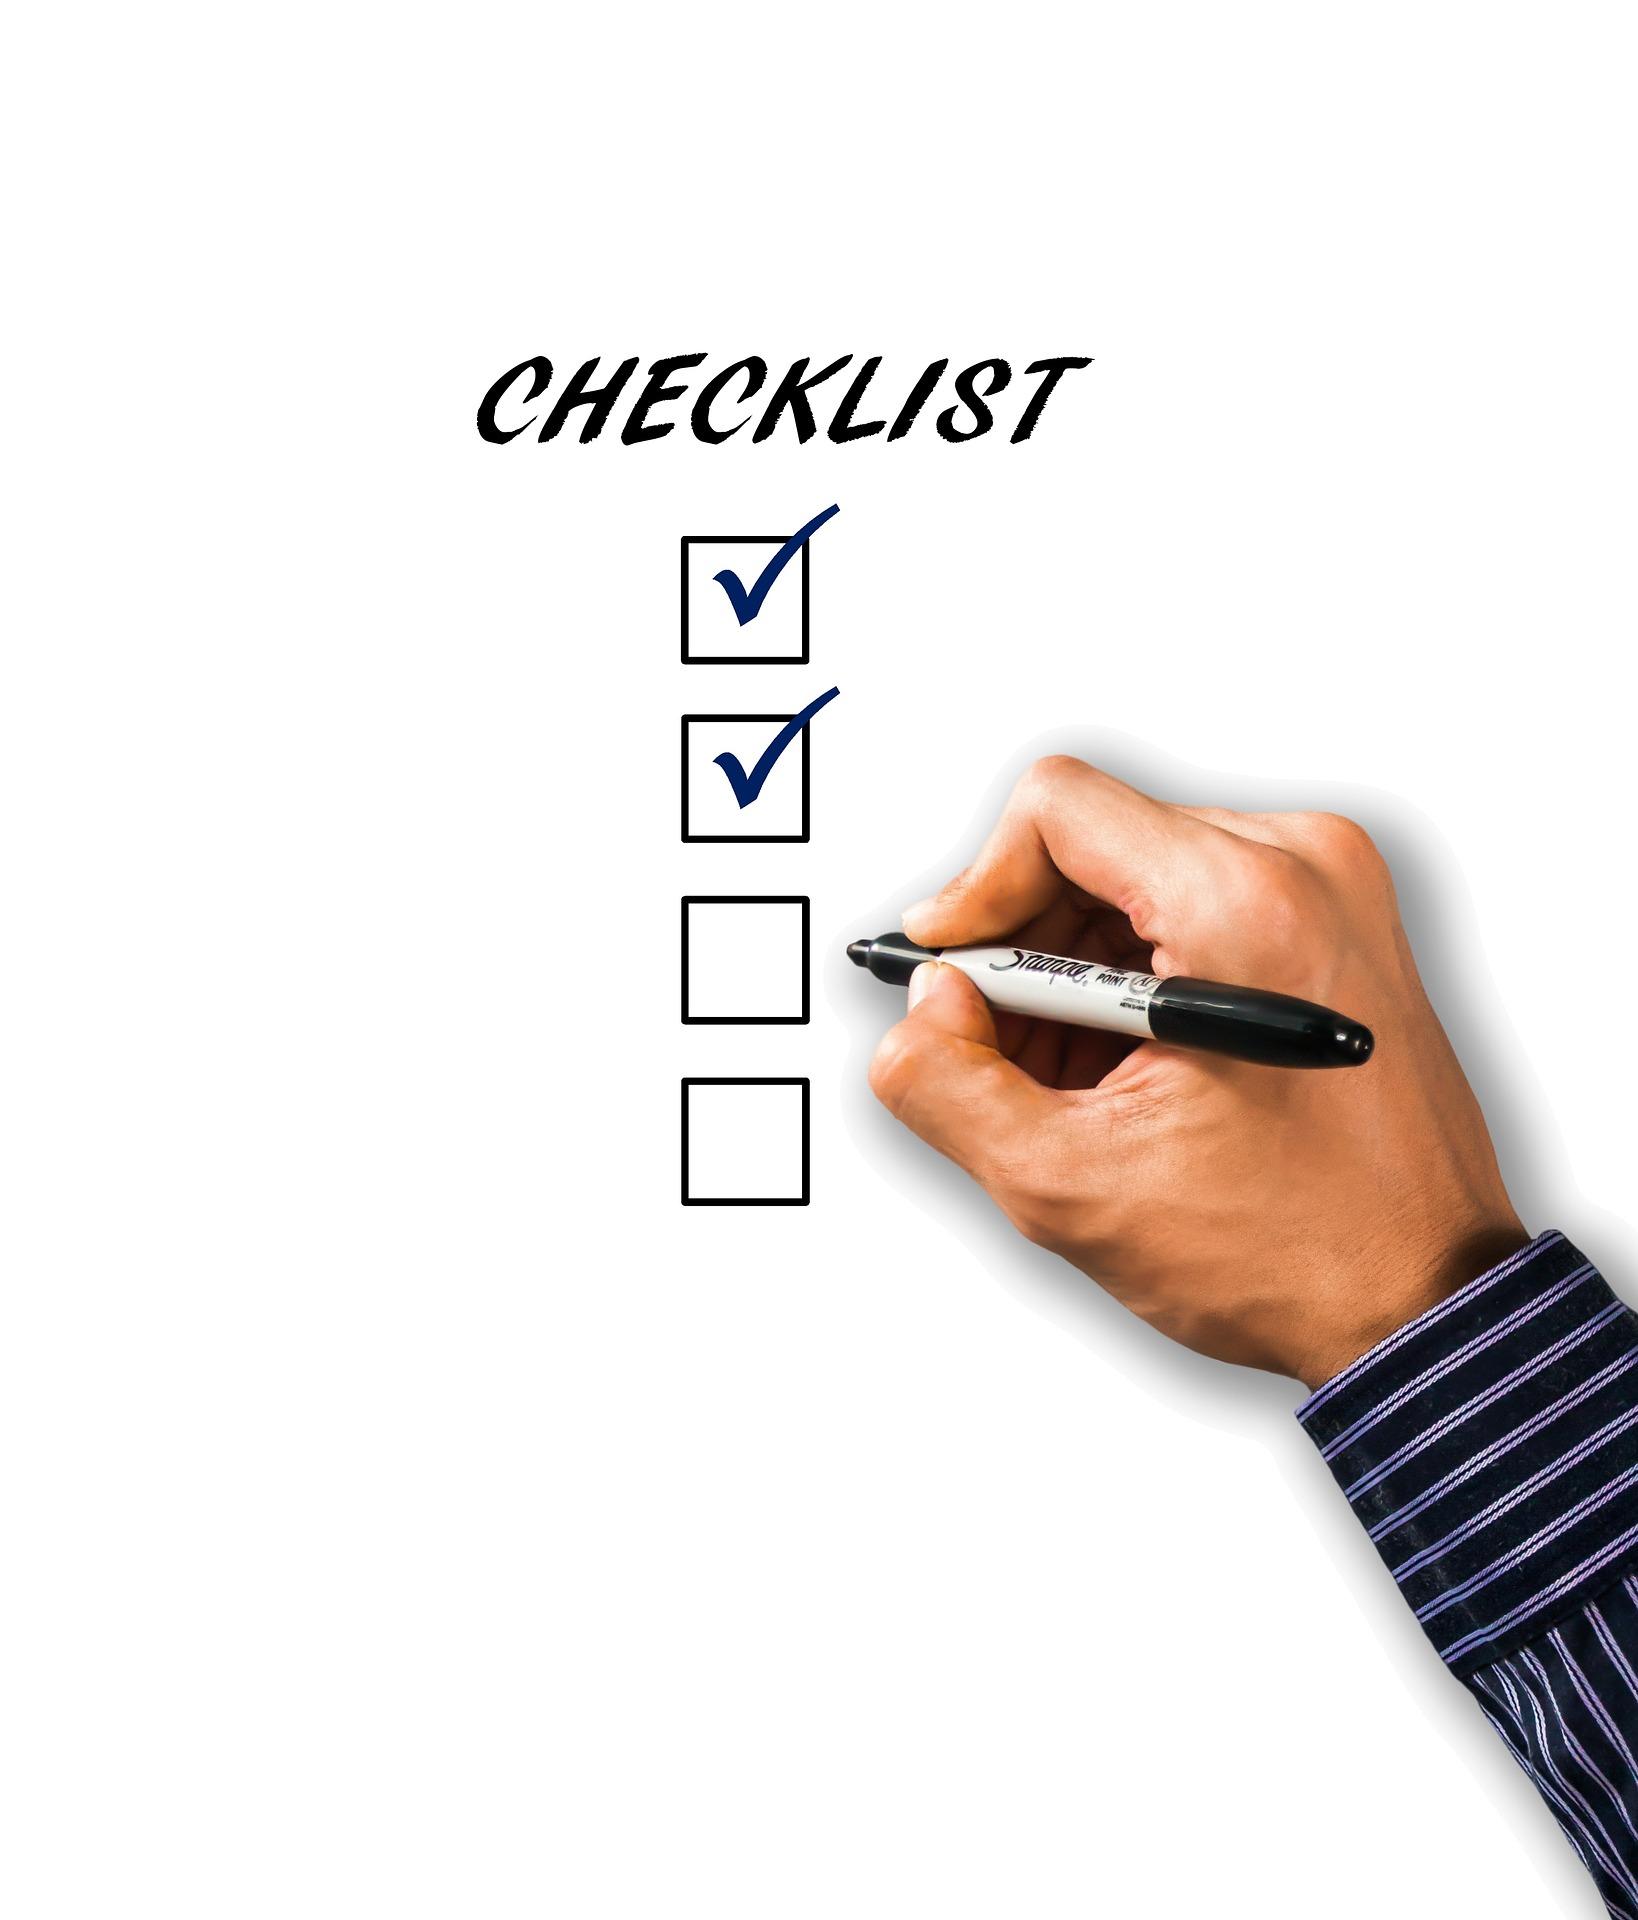 pixabay - check list